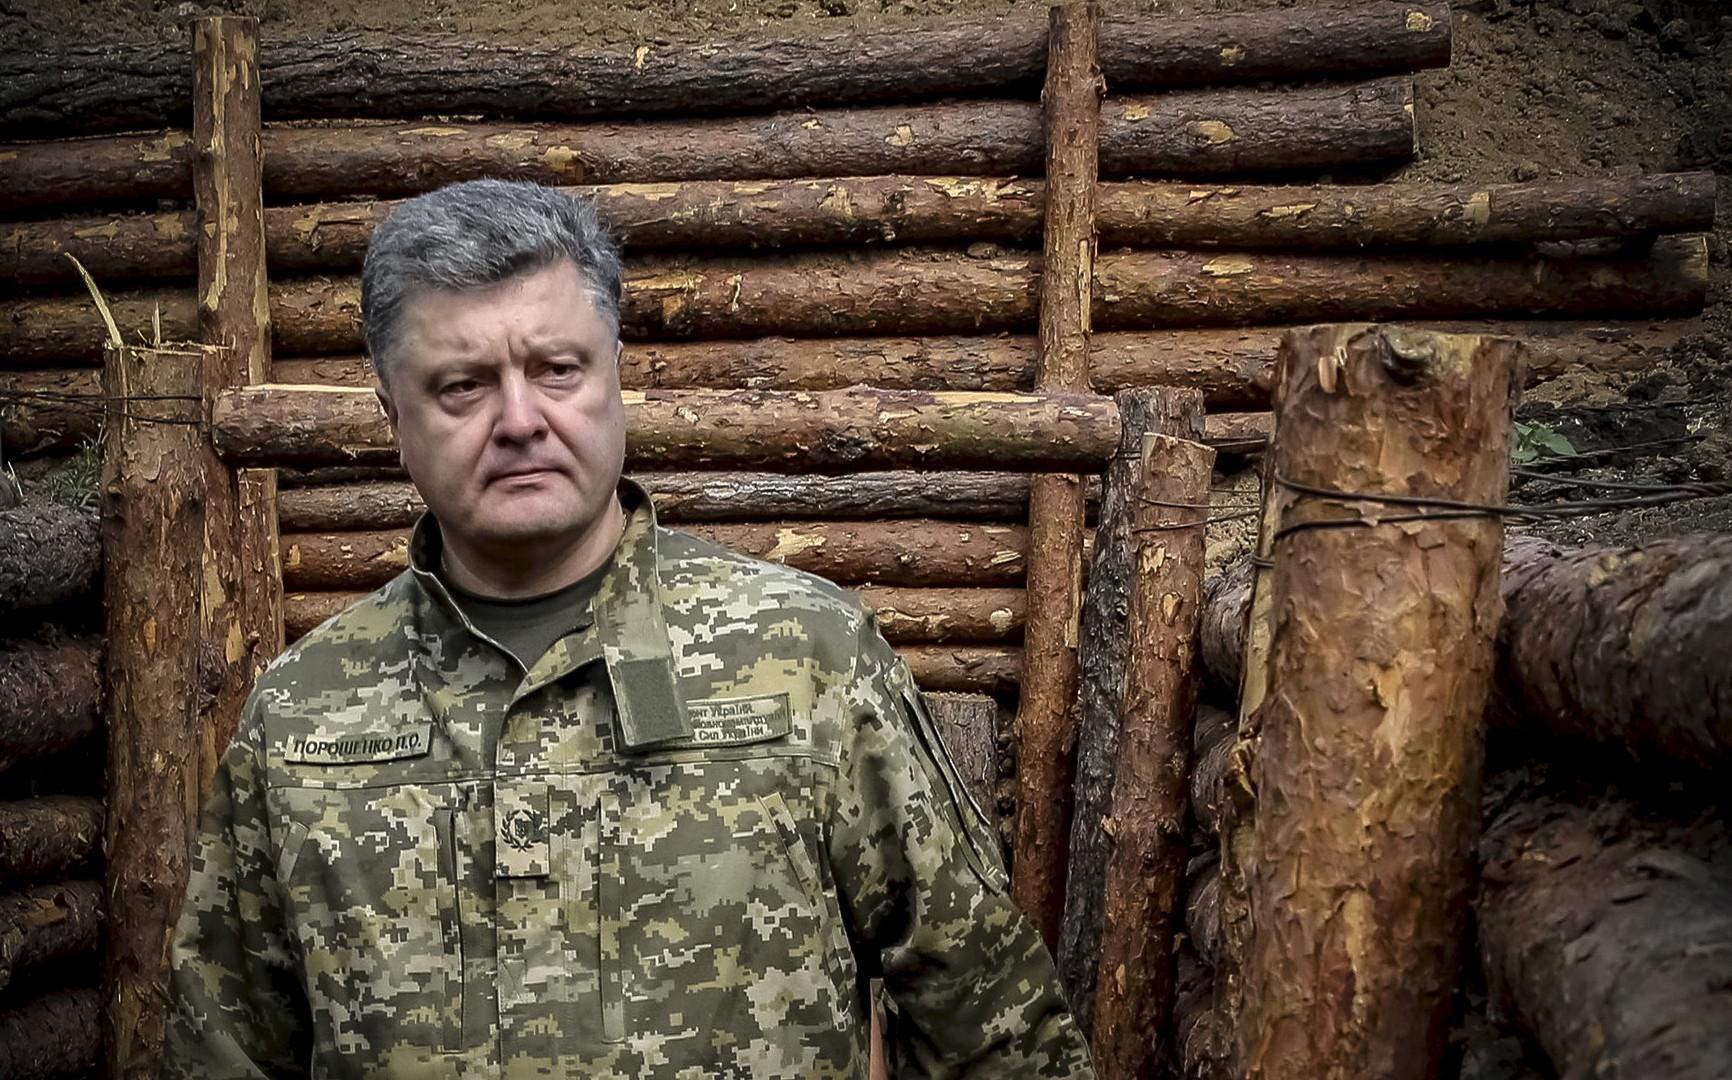 Der ukrainische Präsident Petro Poroschenko in einem Schützengraben in der Ostukraine, 11. Juni 2015.